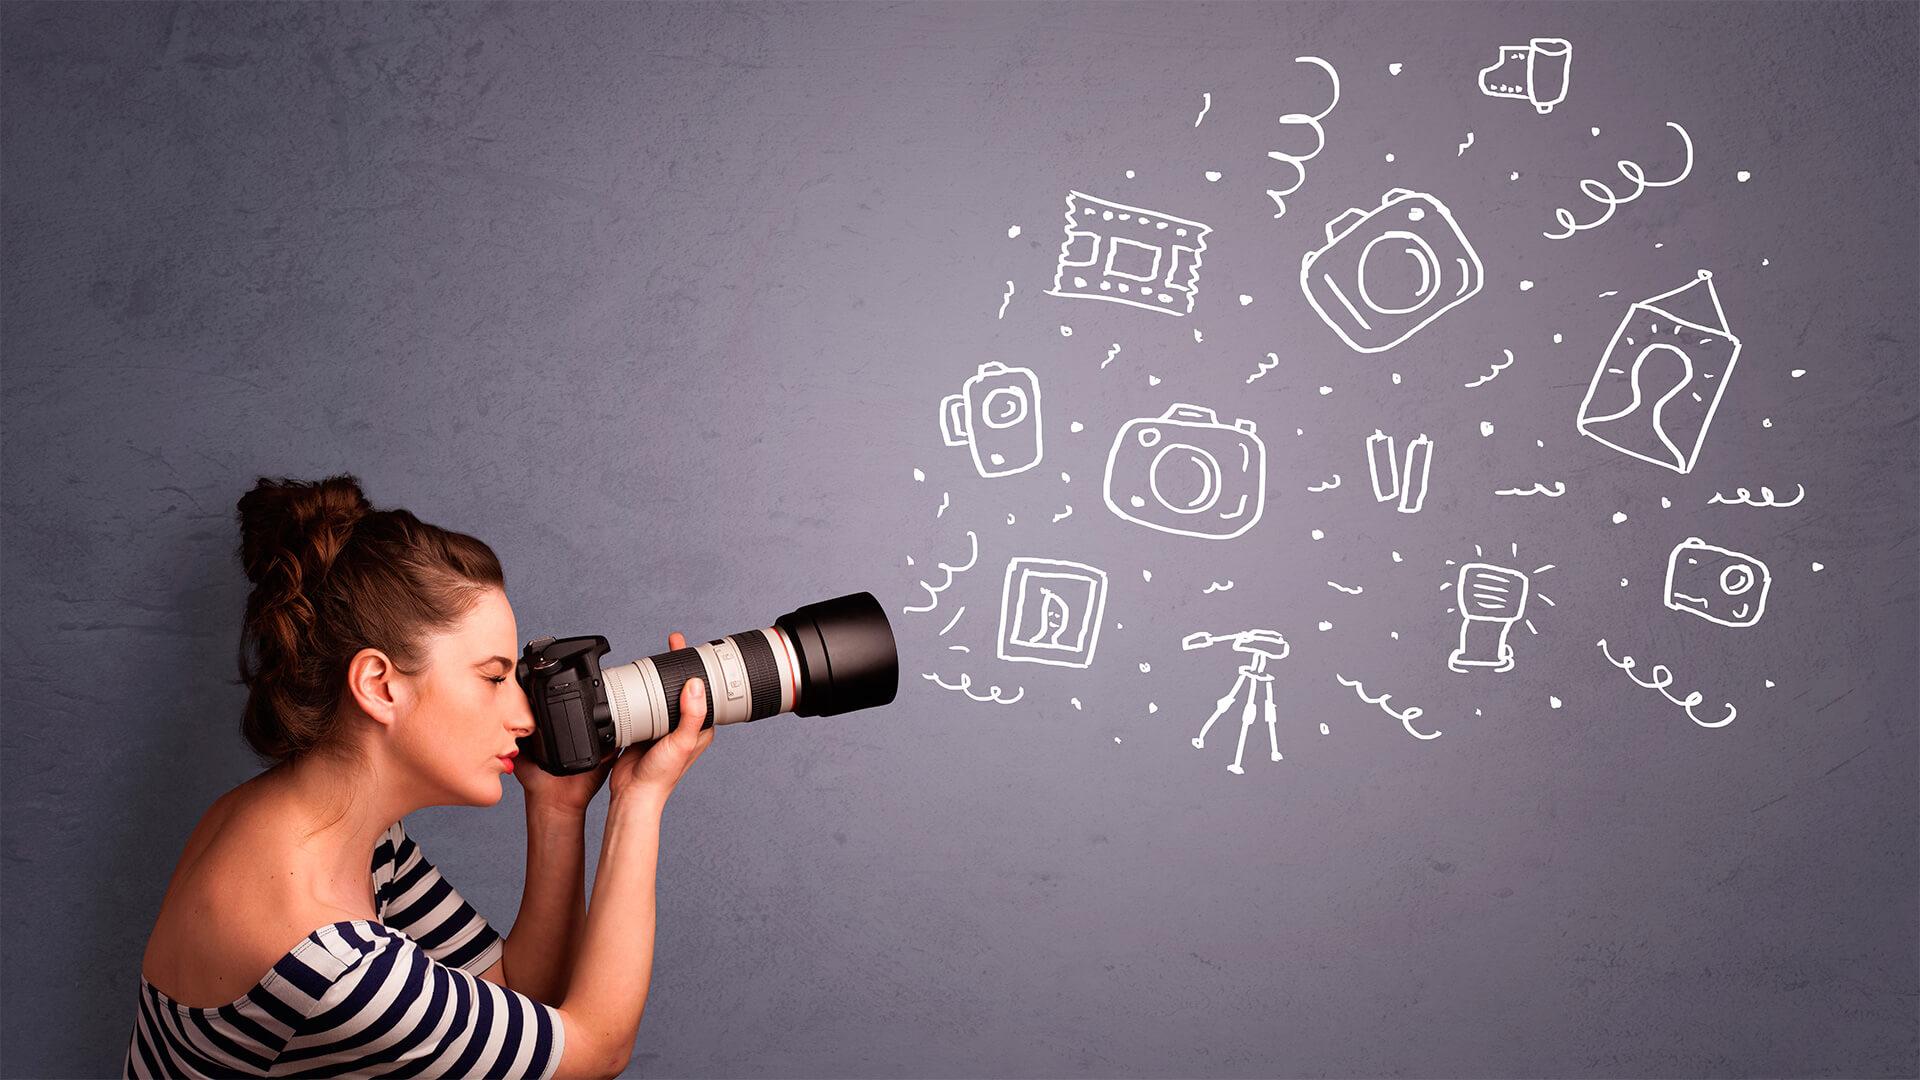 Картинки, фотосессия картинки реклама